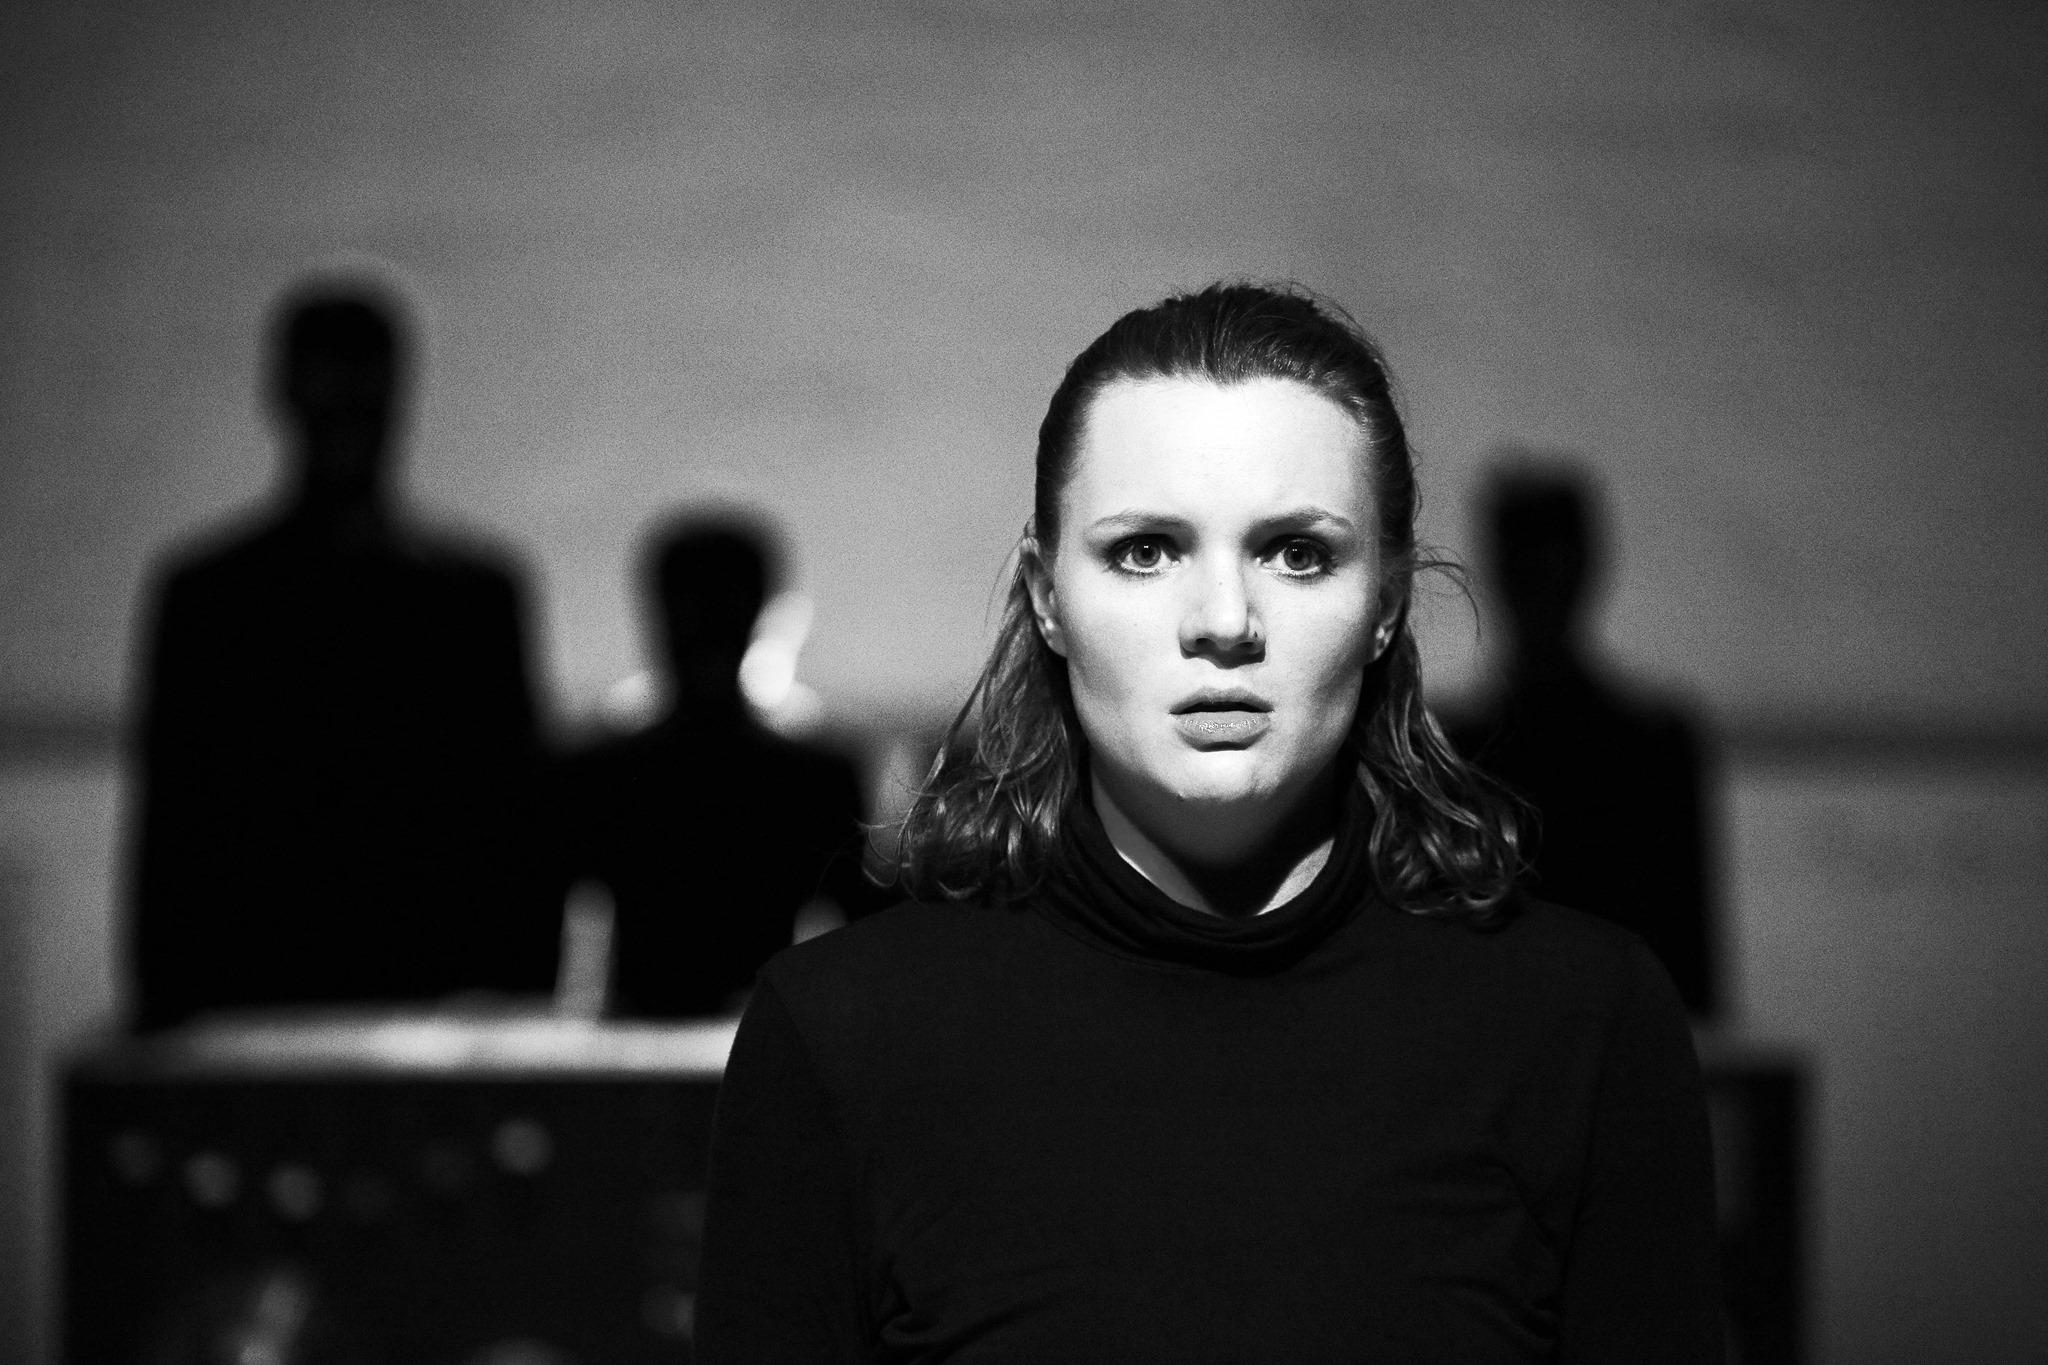 Festivalleiterin Melissa Moßmeier, Foto: Ingo Solms